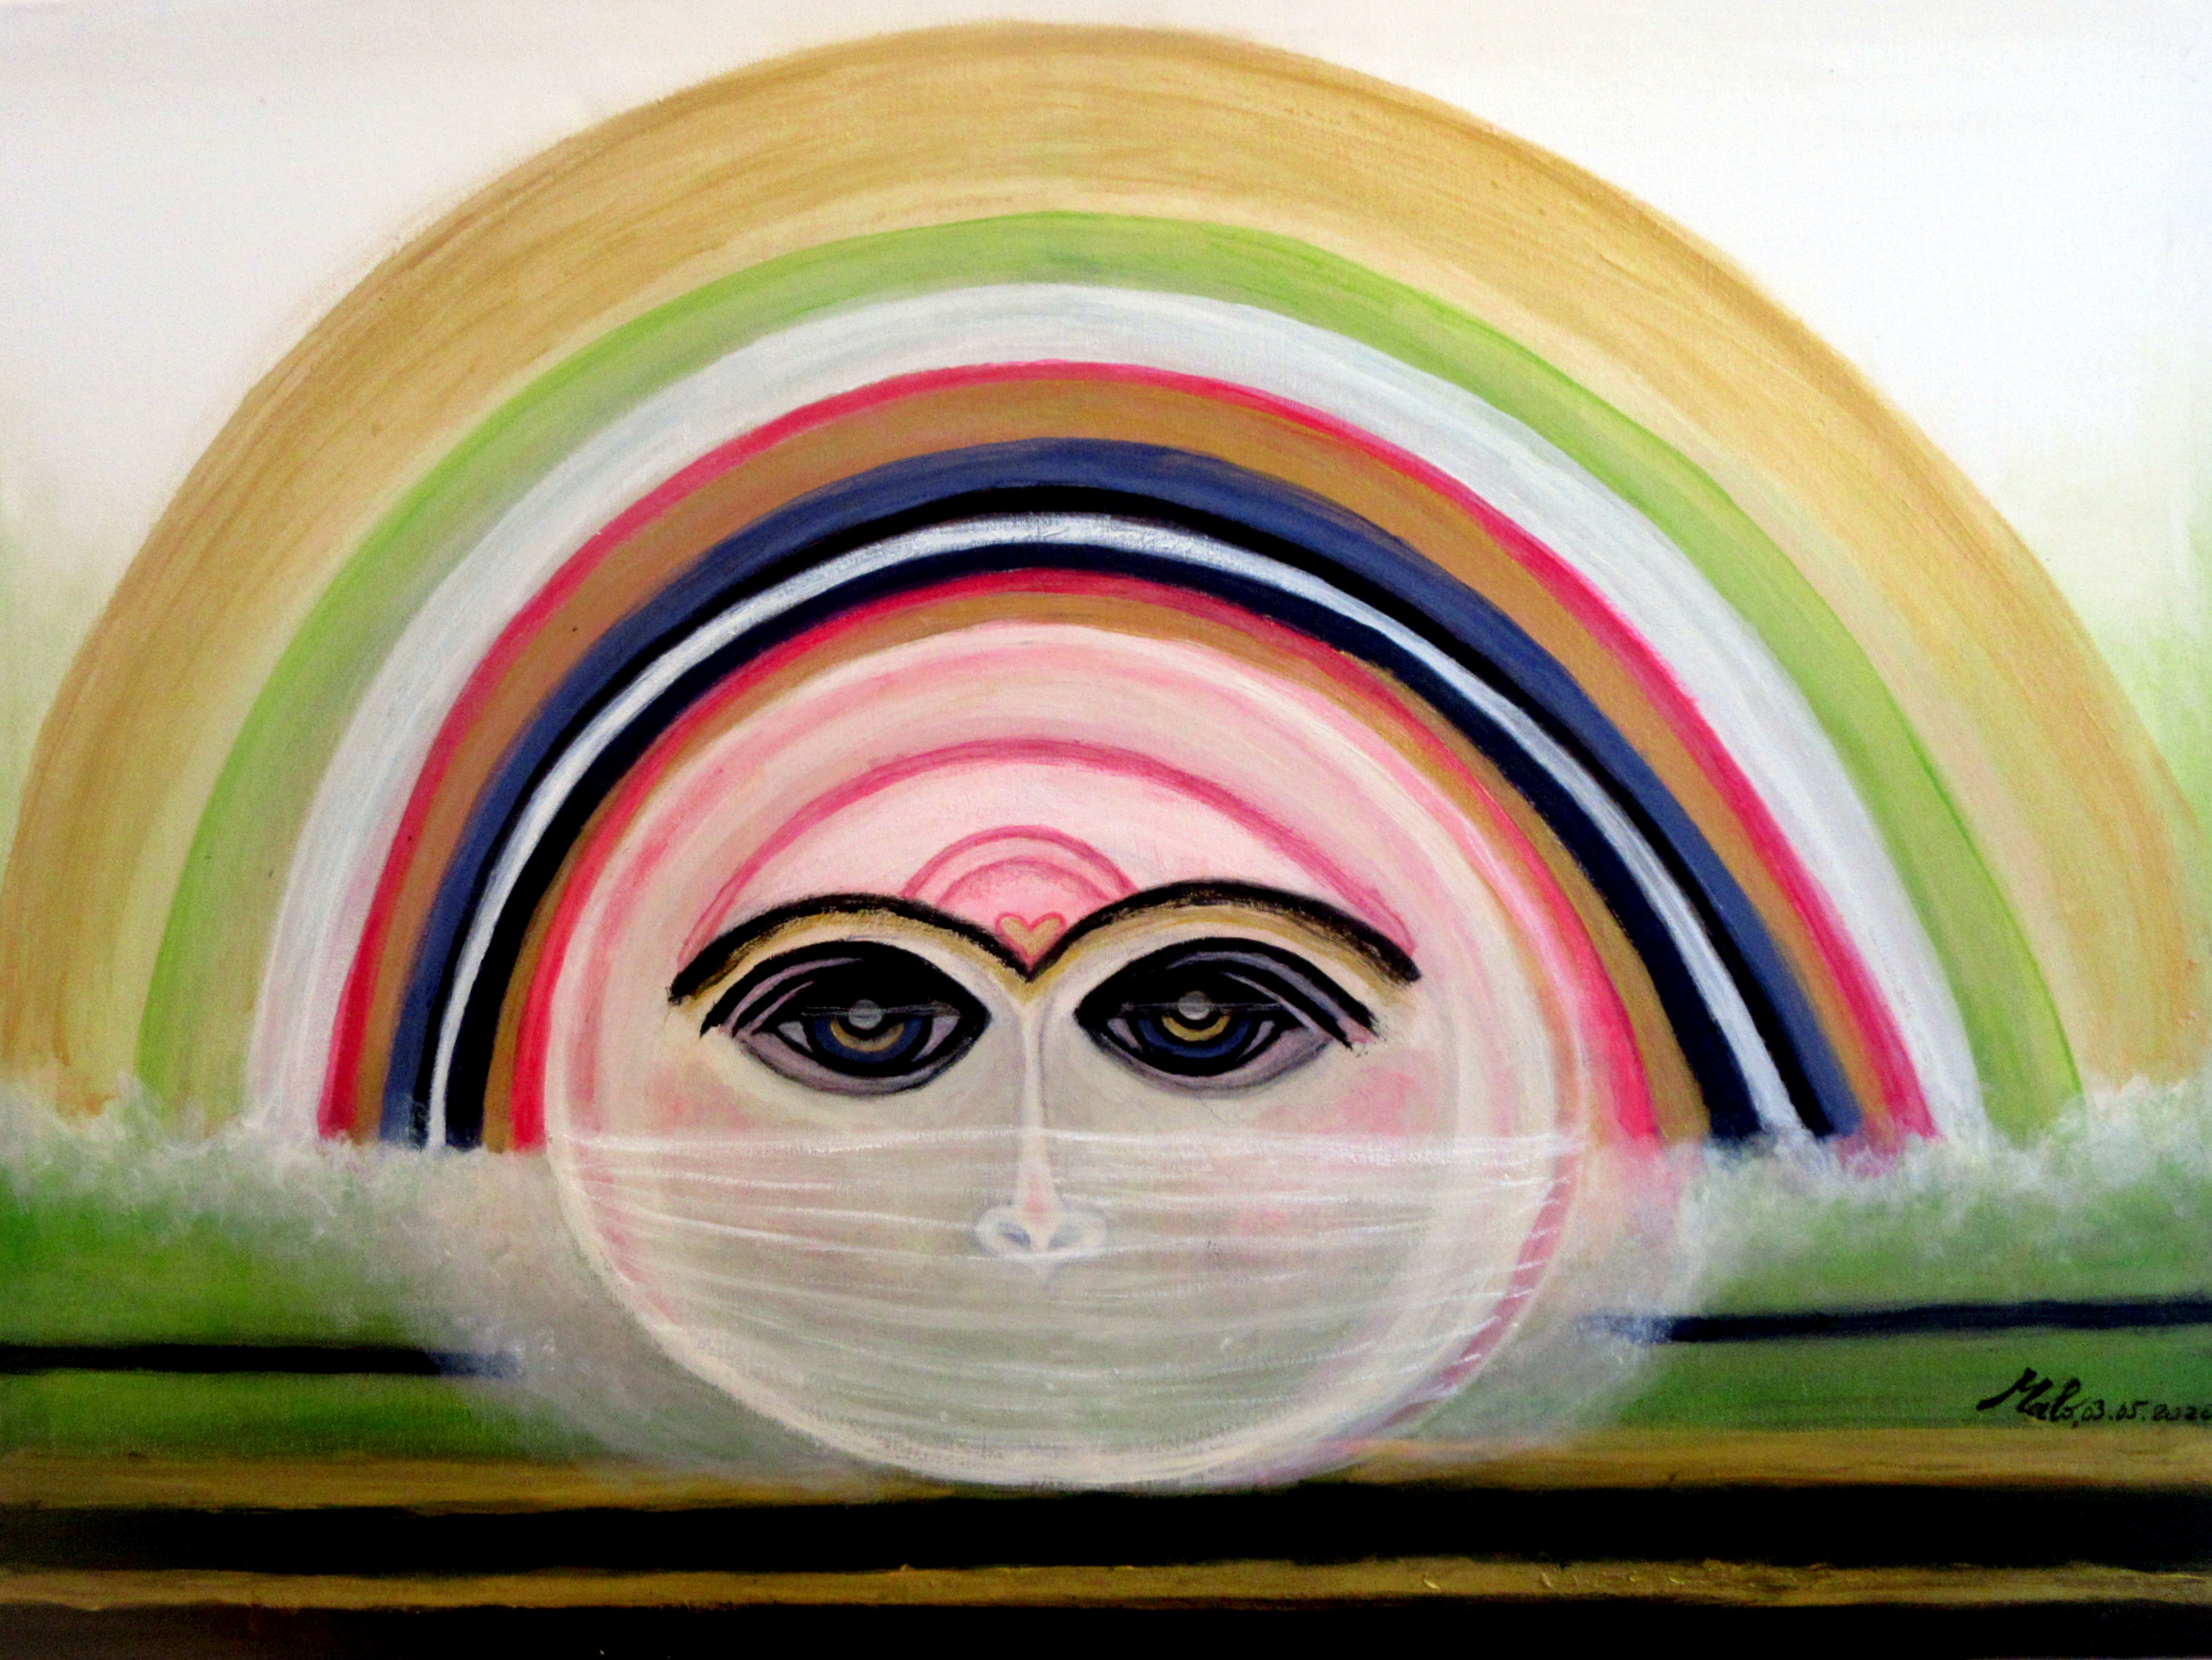 CORONAVIRUS... VEILED EYES SEE AGAIN. 03.05.2020.Acrylic on canvas. 60 cm W x 80 cm H x 2.5.cm D